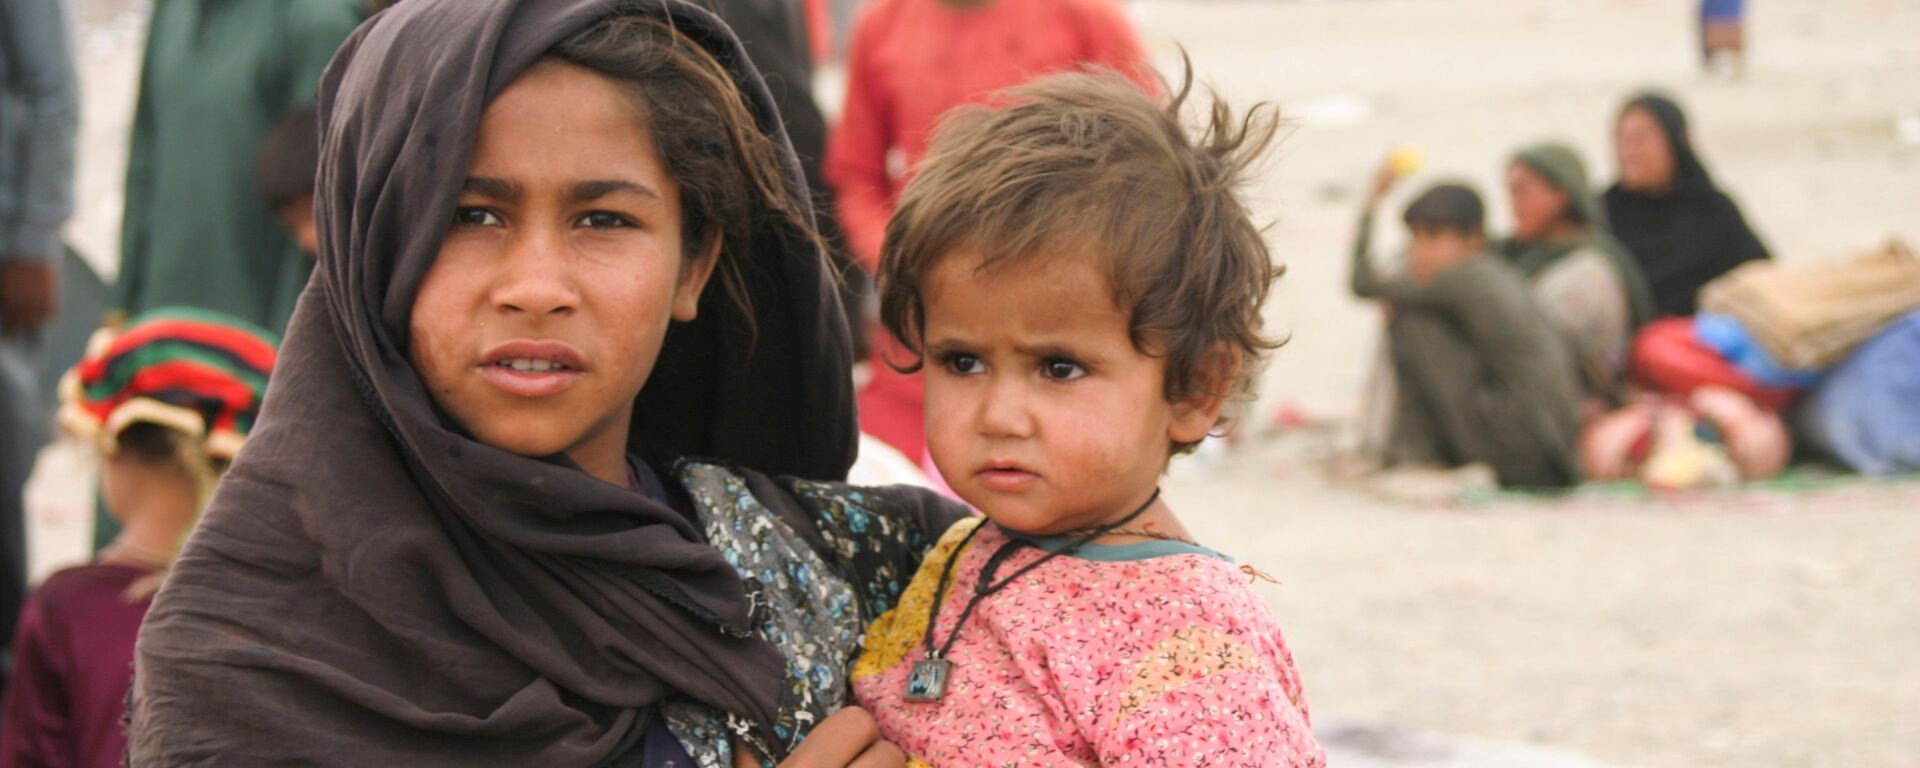 Афганцы в импровизированном лагере возле железнодорожной станции в Чамане, Пакистан - Sputnik Узбекистан, 1920, 04.09.2021